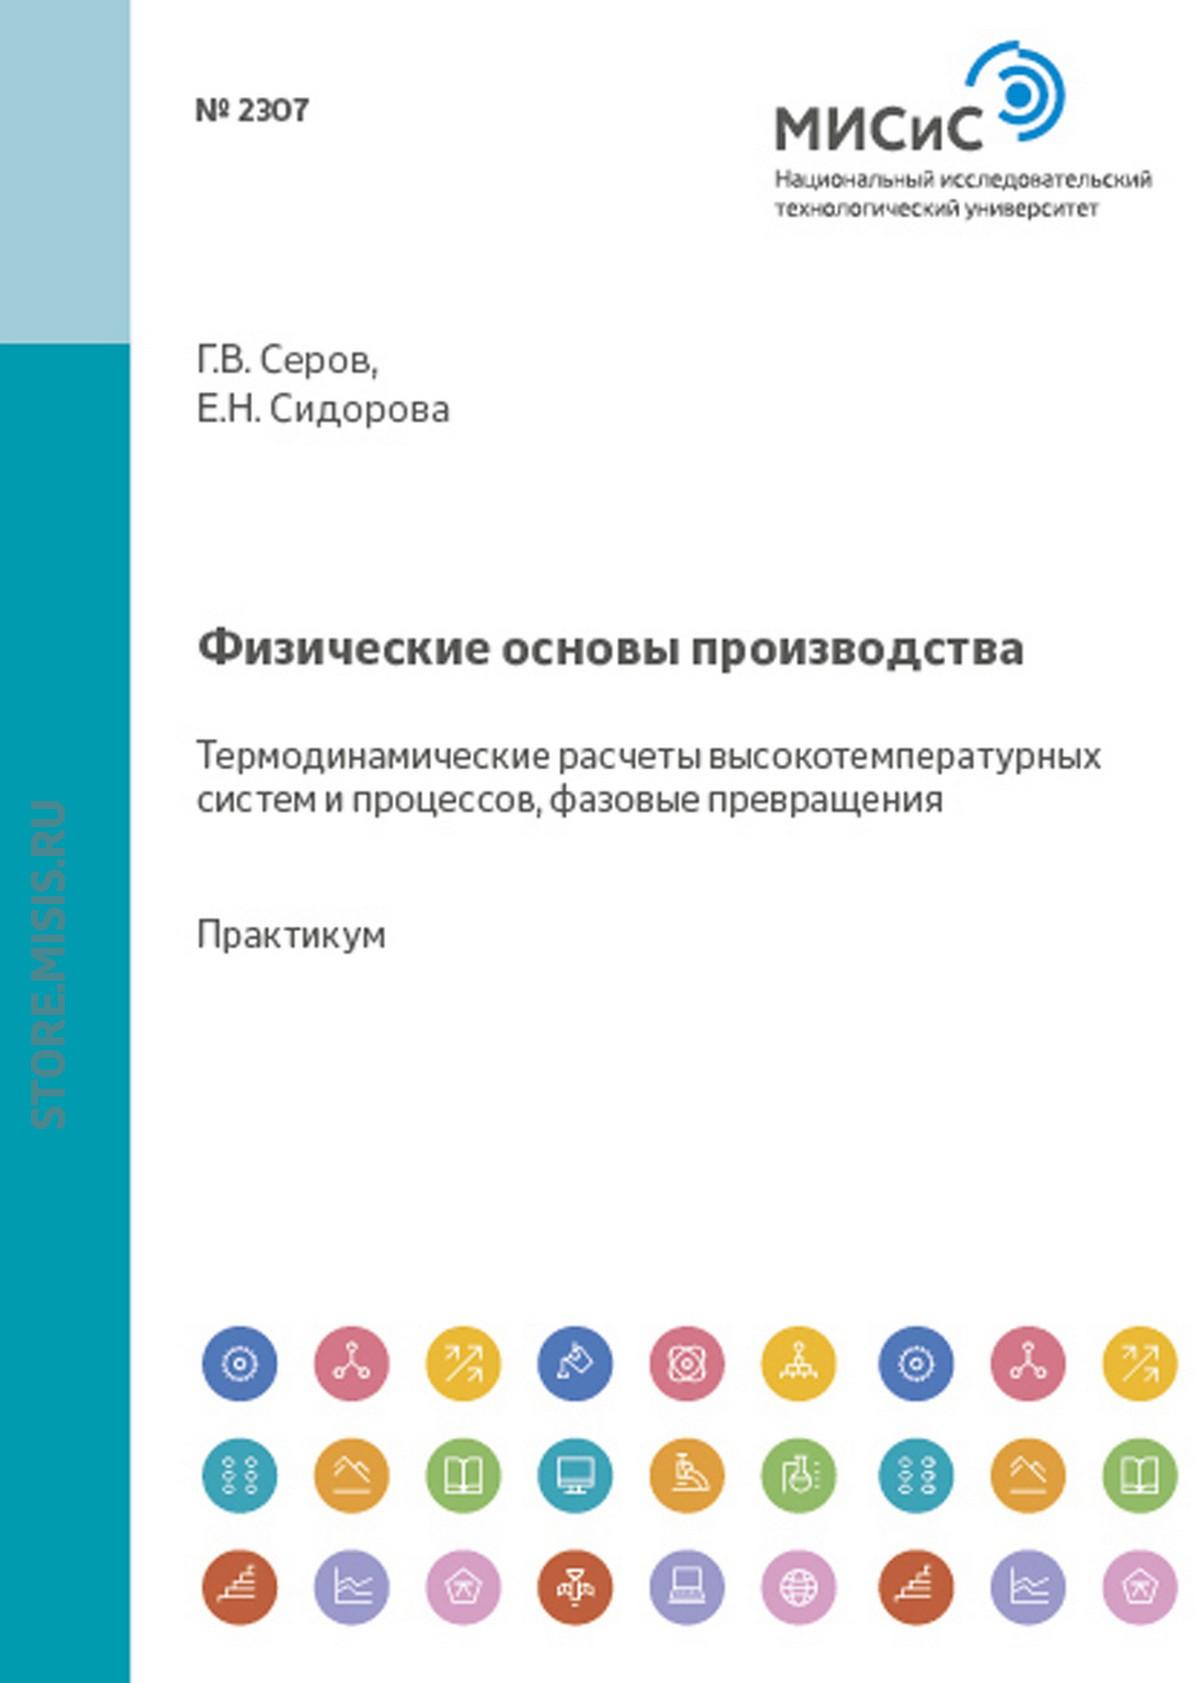 Е. Н. Сидорова Физические основы производства. Термодинамические расчеты высокотемпературных систем и процессов, фазовые превращения